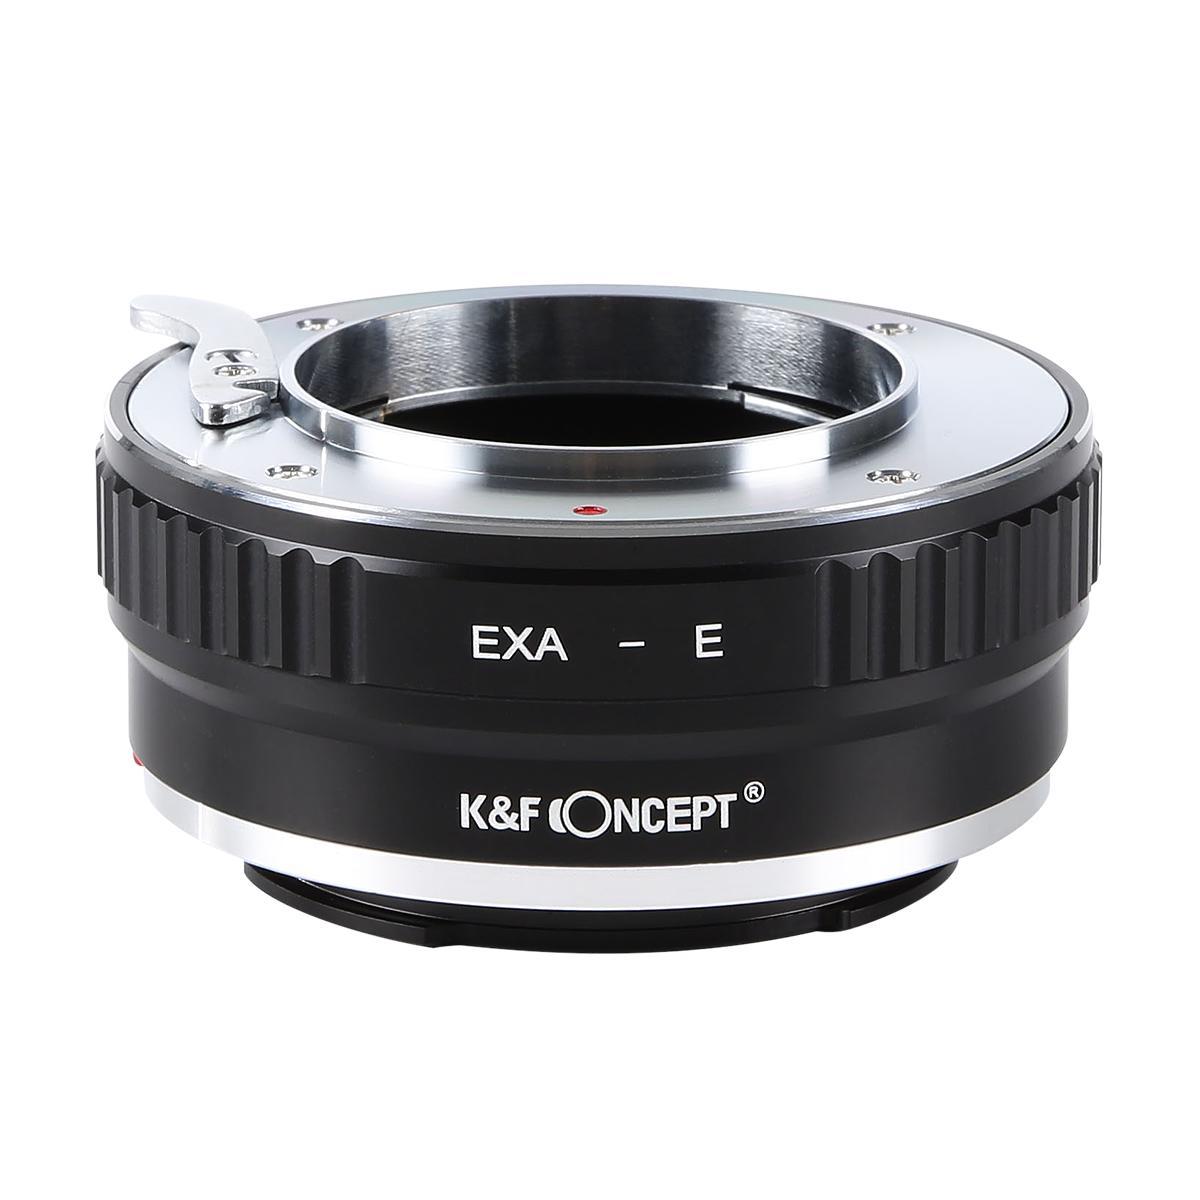 KF 即出荷 CONCEPT Concept レンズマウントアダプター マーケティング ソニーEマウント変換 KF-EXAE エキザクタマウントレンズ →